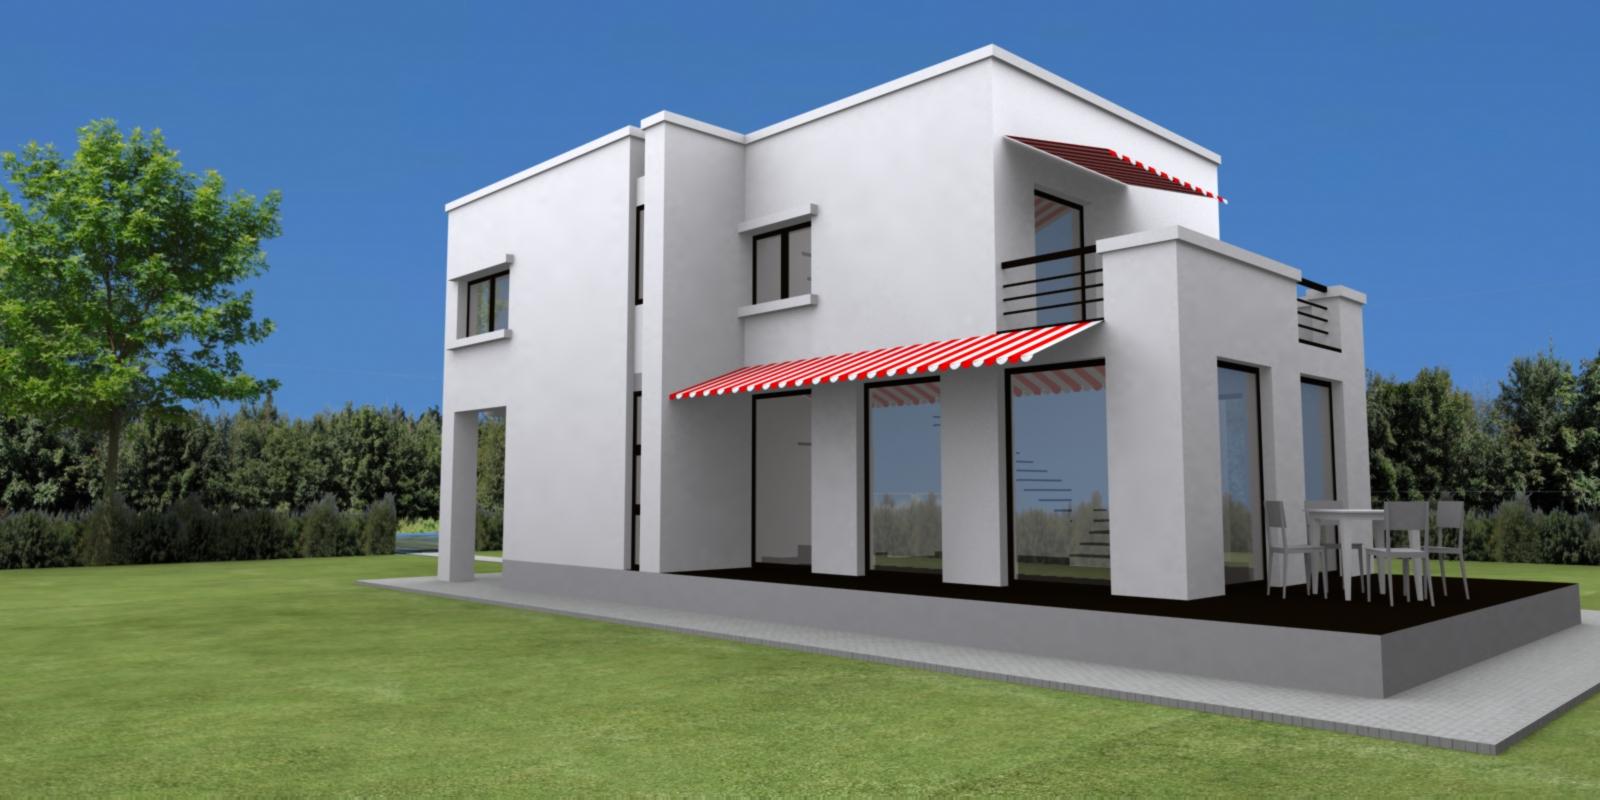 Case planuri proiecte proiect vila tip a for Planuri de case